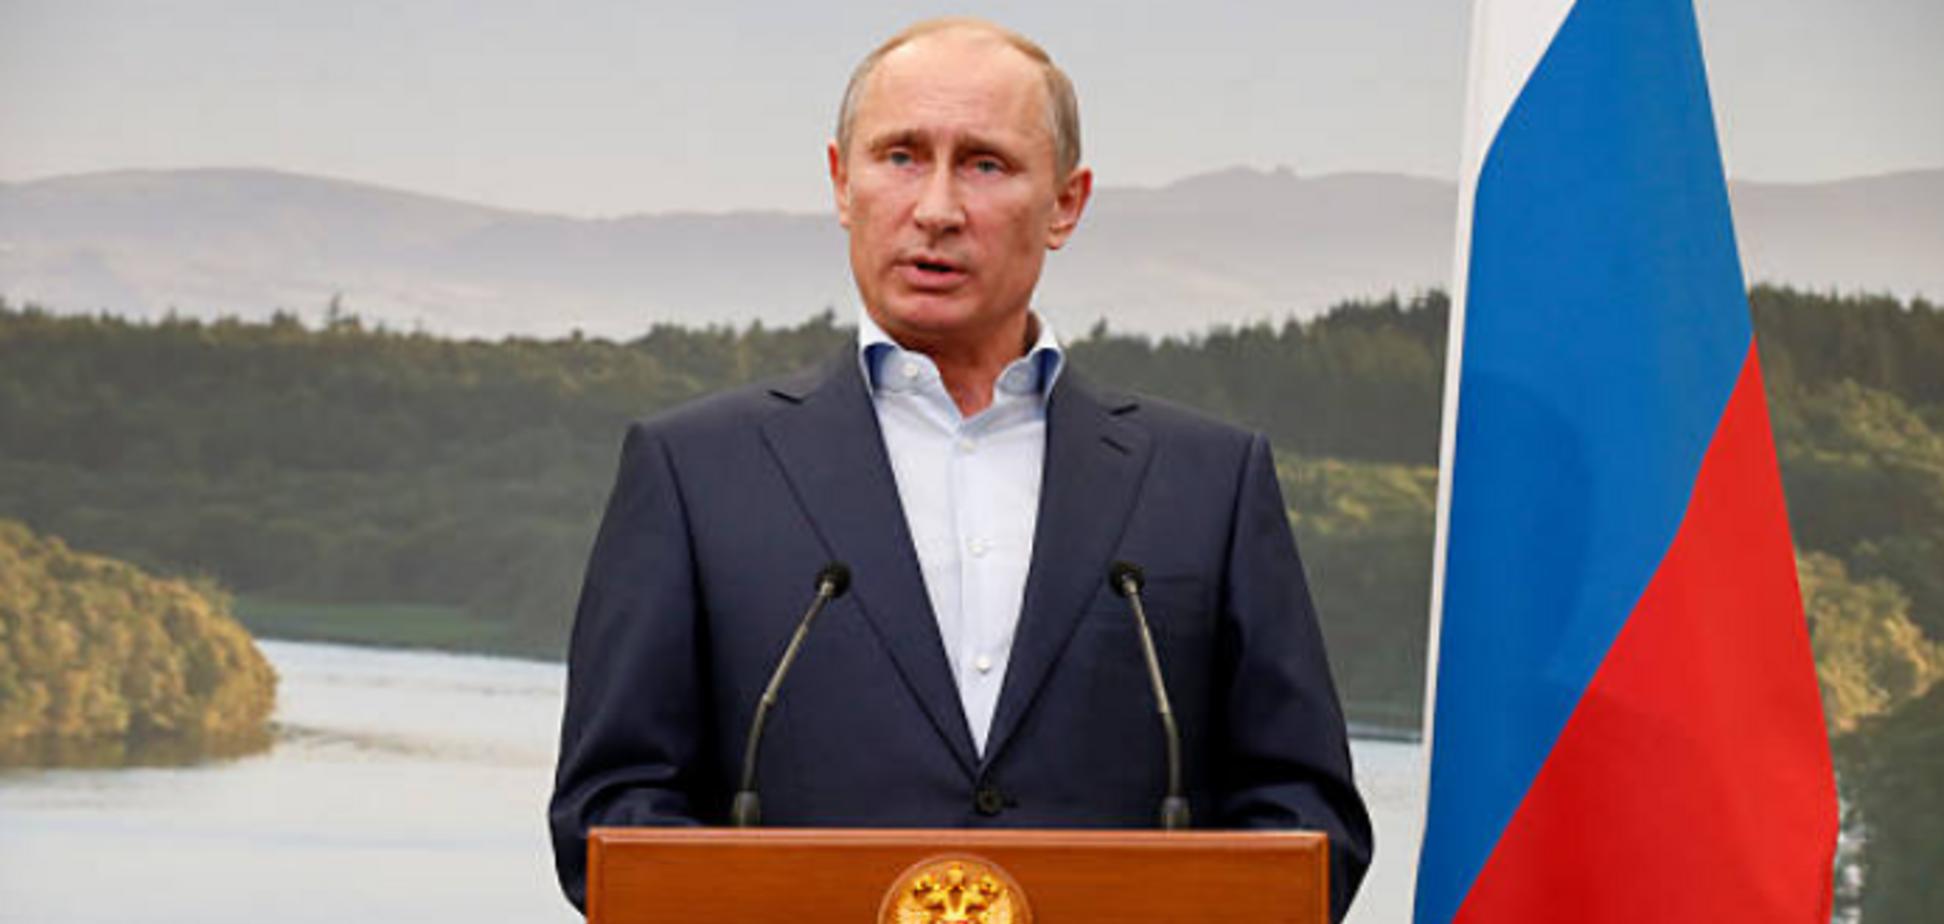 'Обурений, і не дарма': Путін вирішив розповісти українцям про 'нацистів'